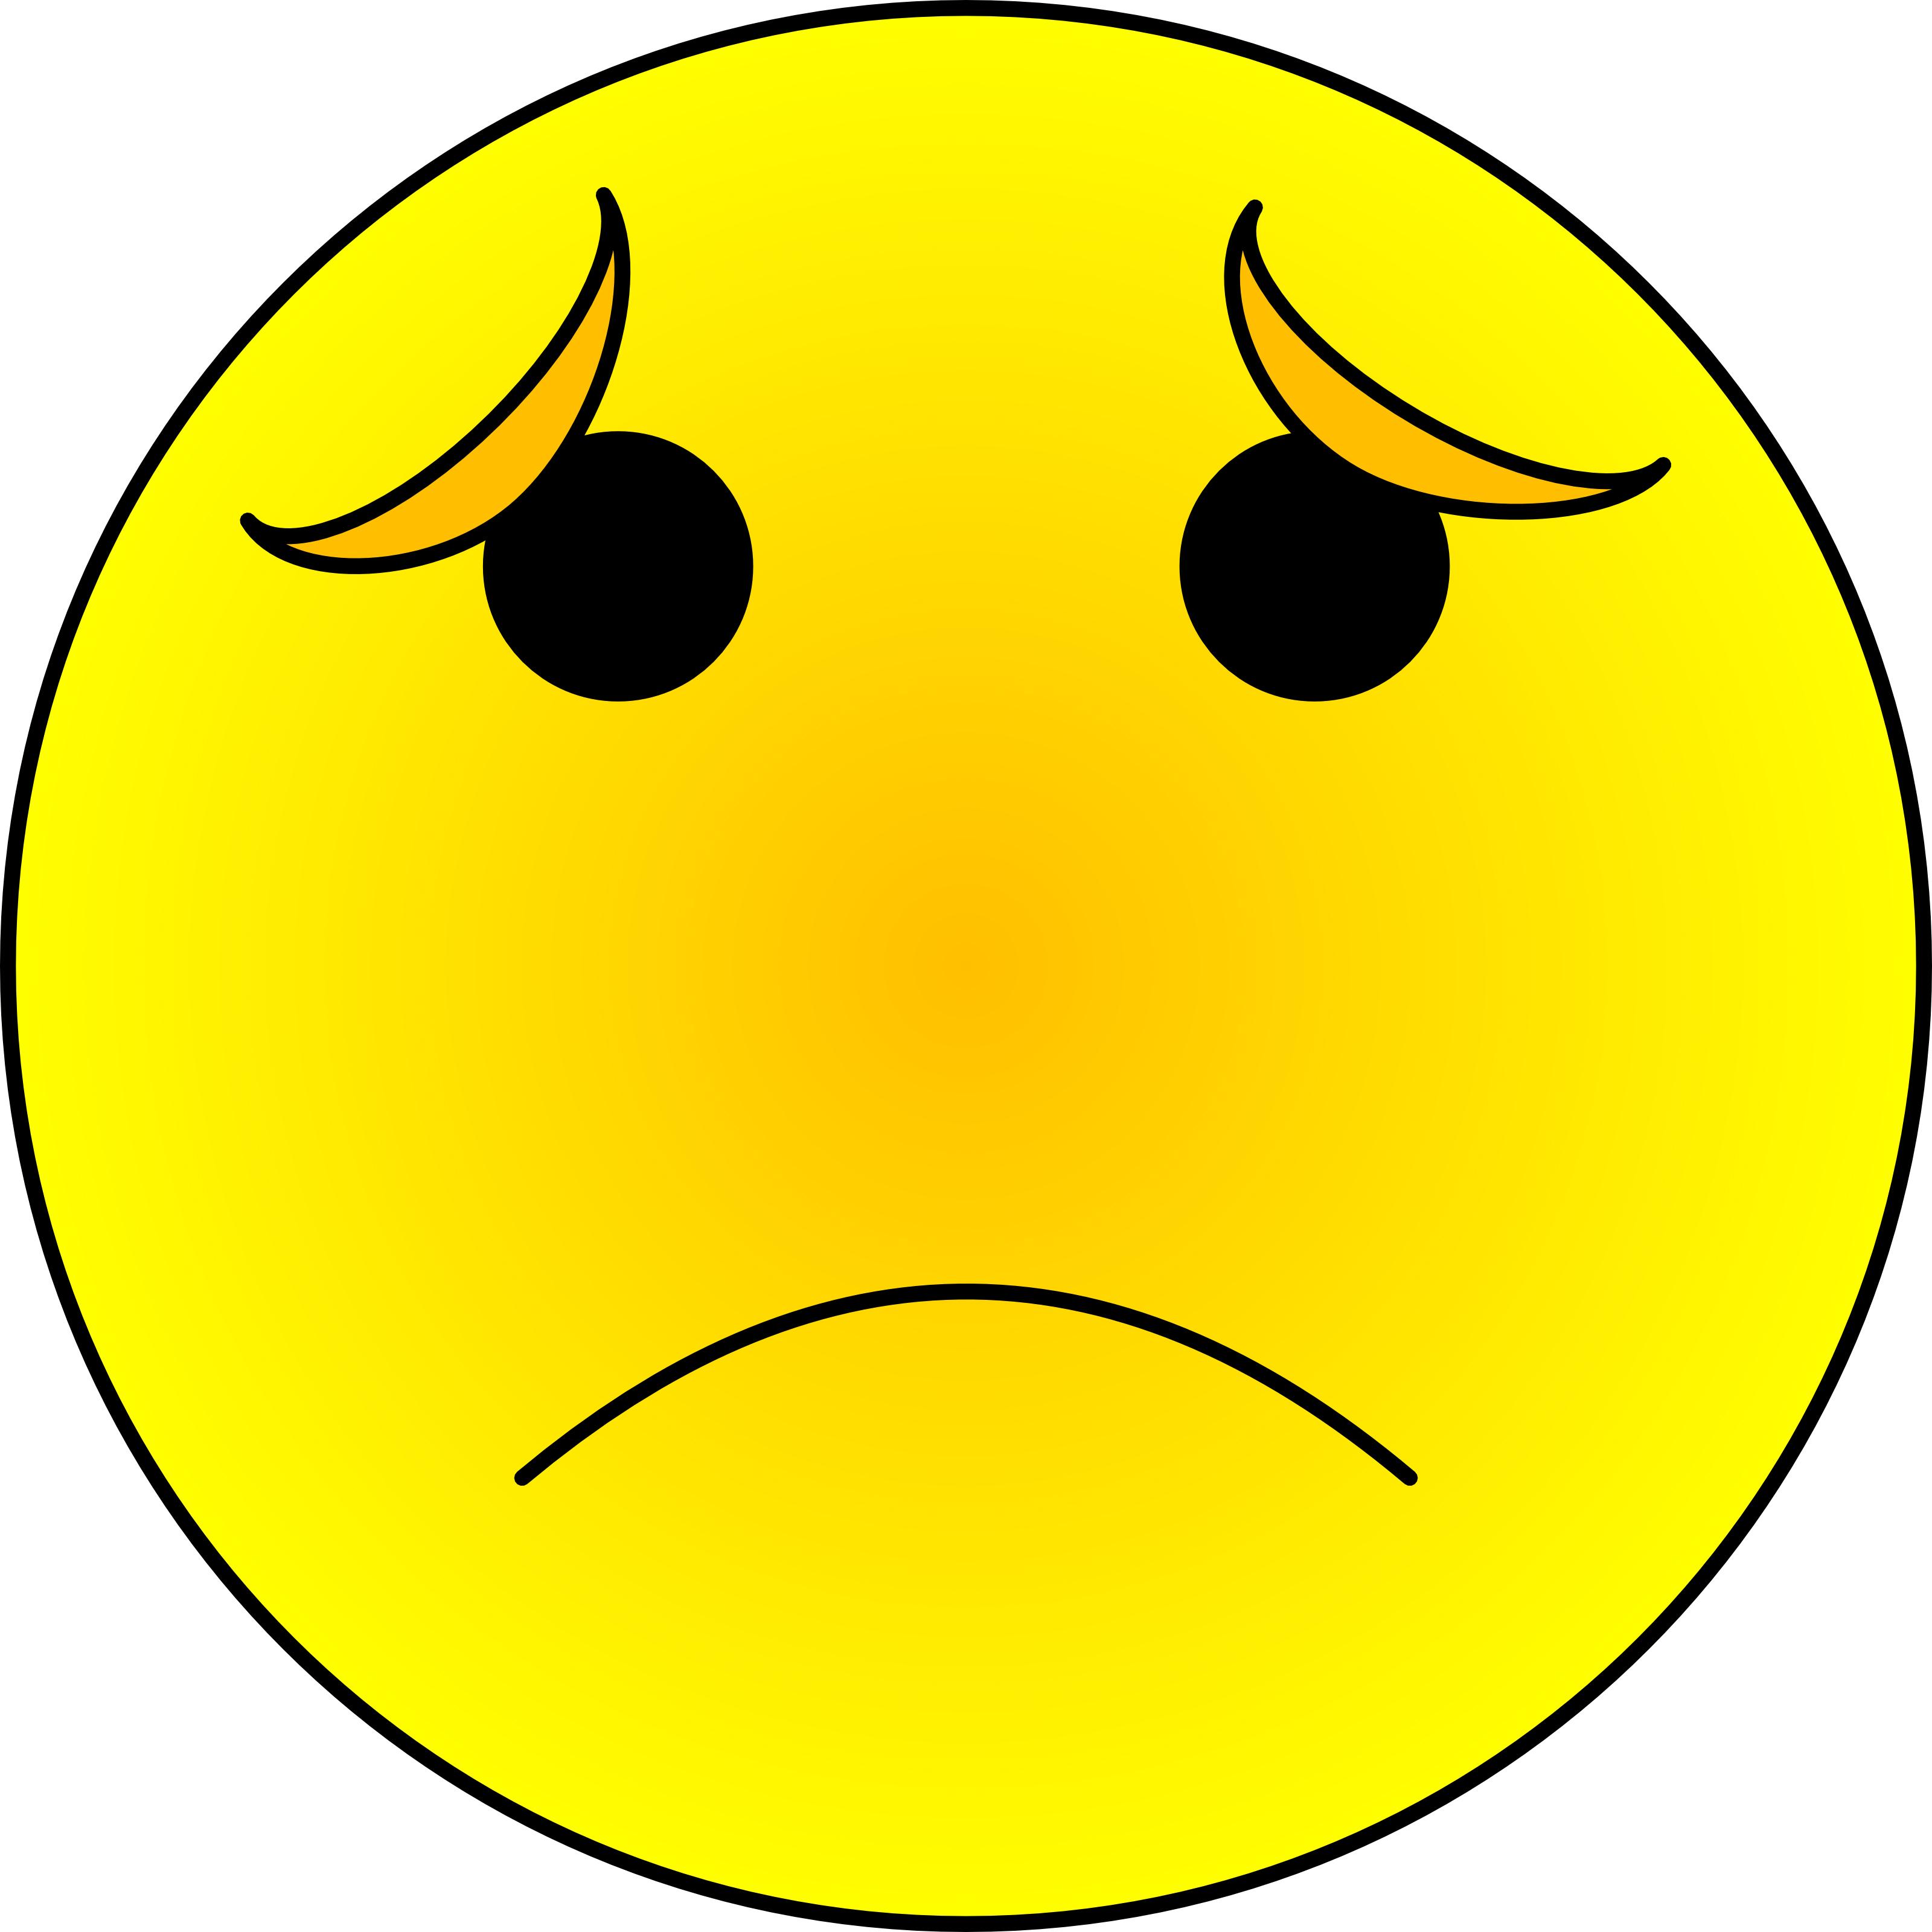 Картинка смайлика грустного на прозрачном фоне